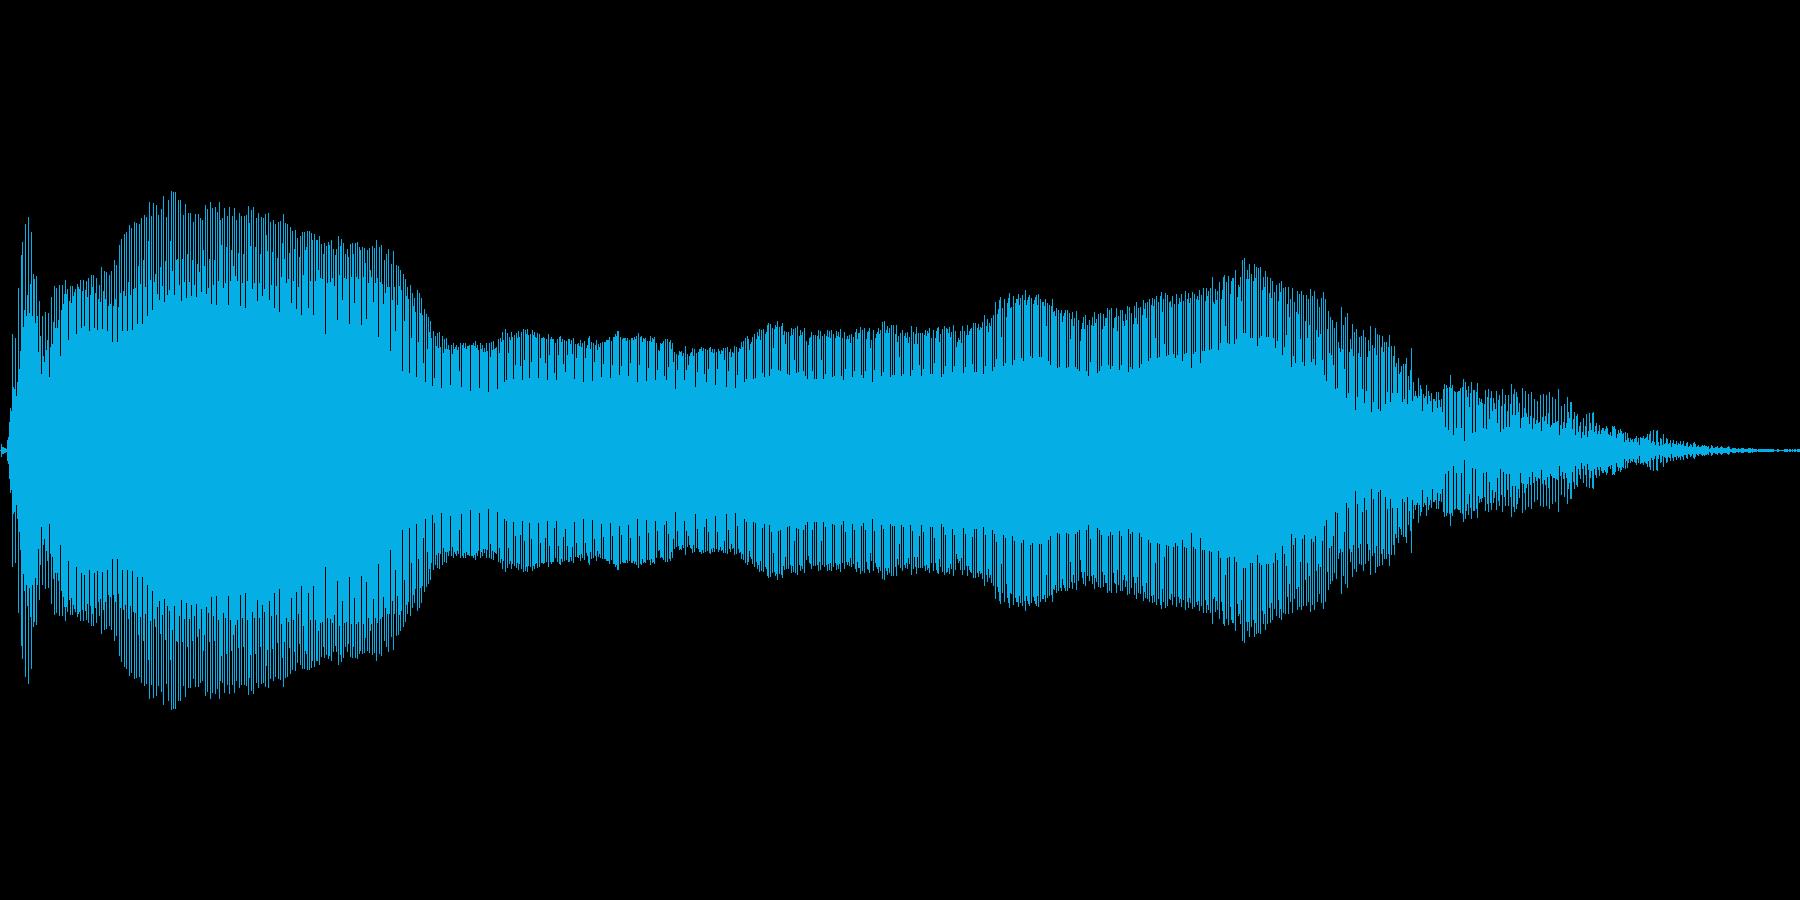 あああああ!【悲鳴、ダメージ、吹っ飛ぶ】の再生済みの波形